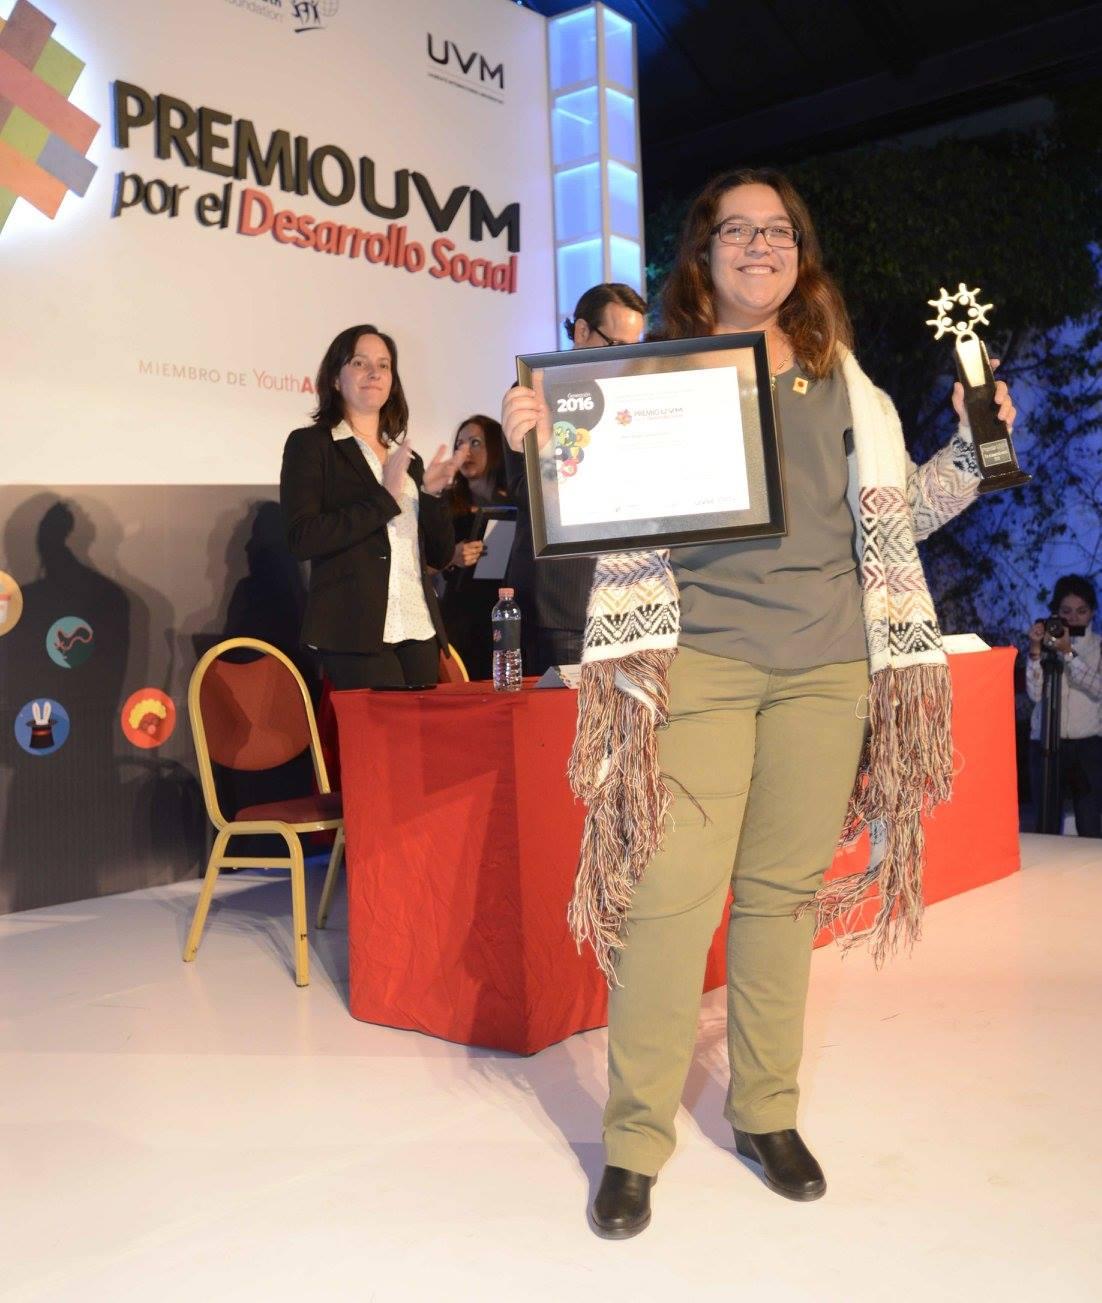 Alumna de Psicología exhibiendo su premio